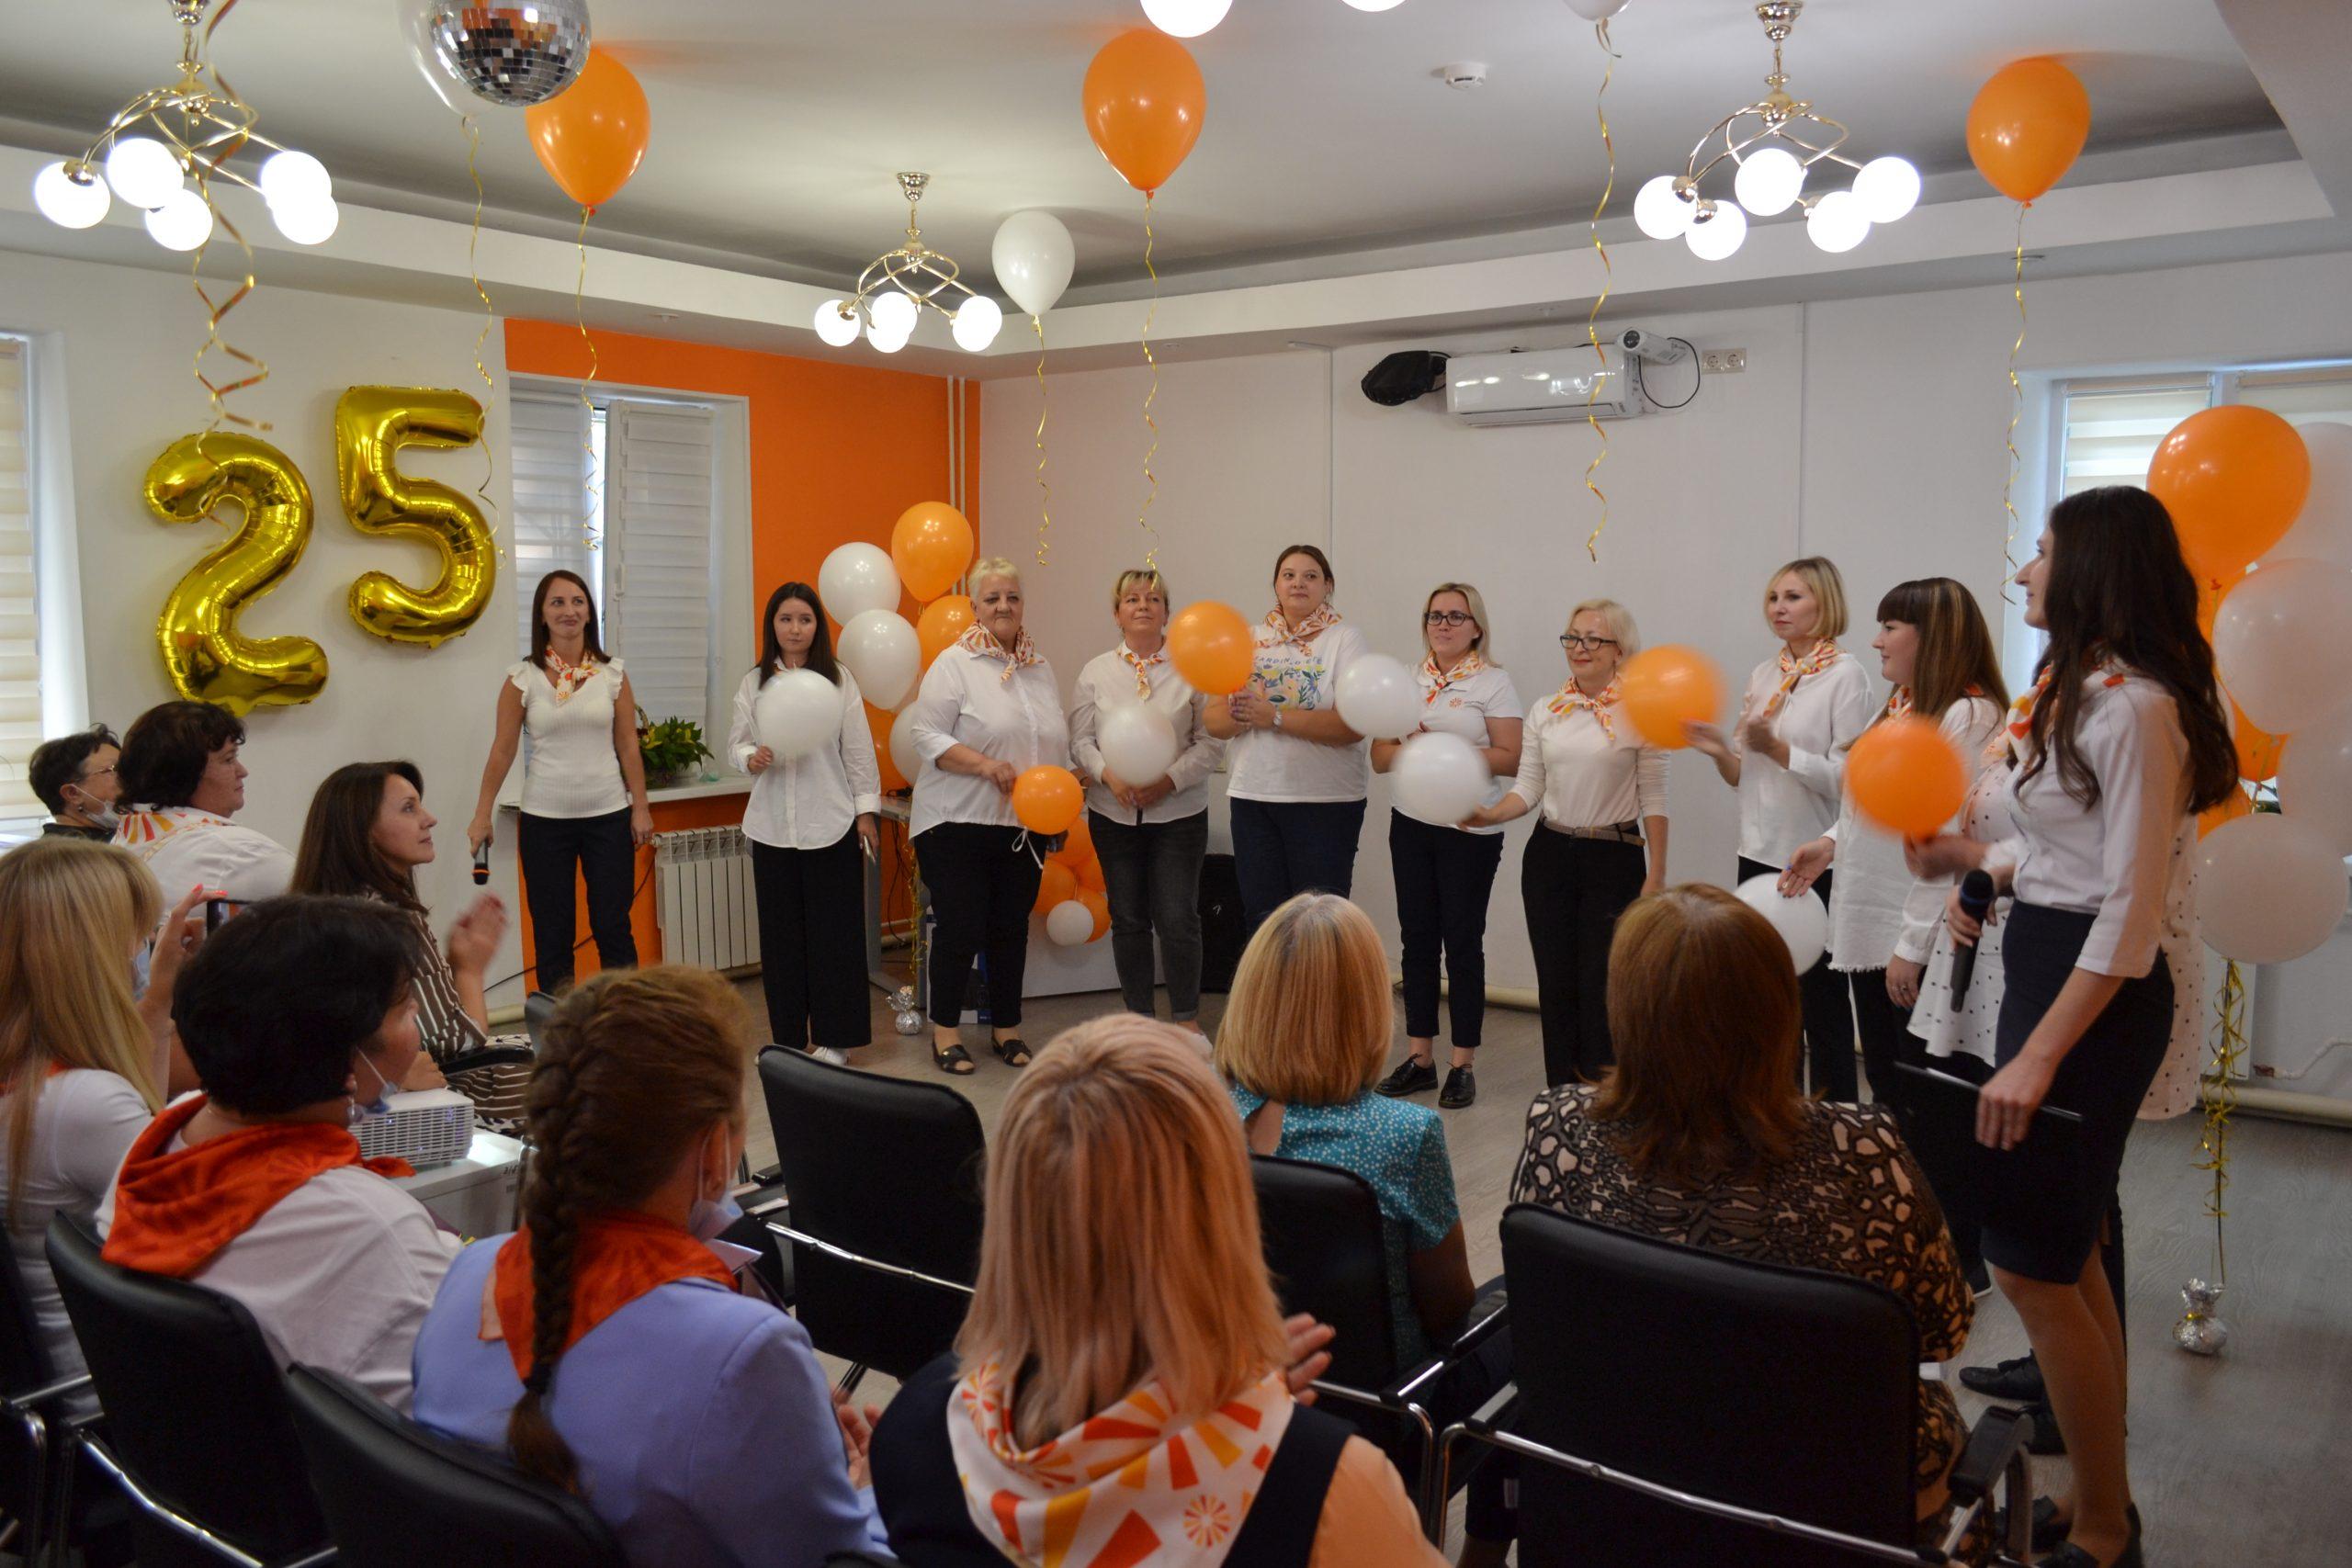 Центр семьи на юге Москвы отметил свое 25-летие